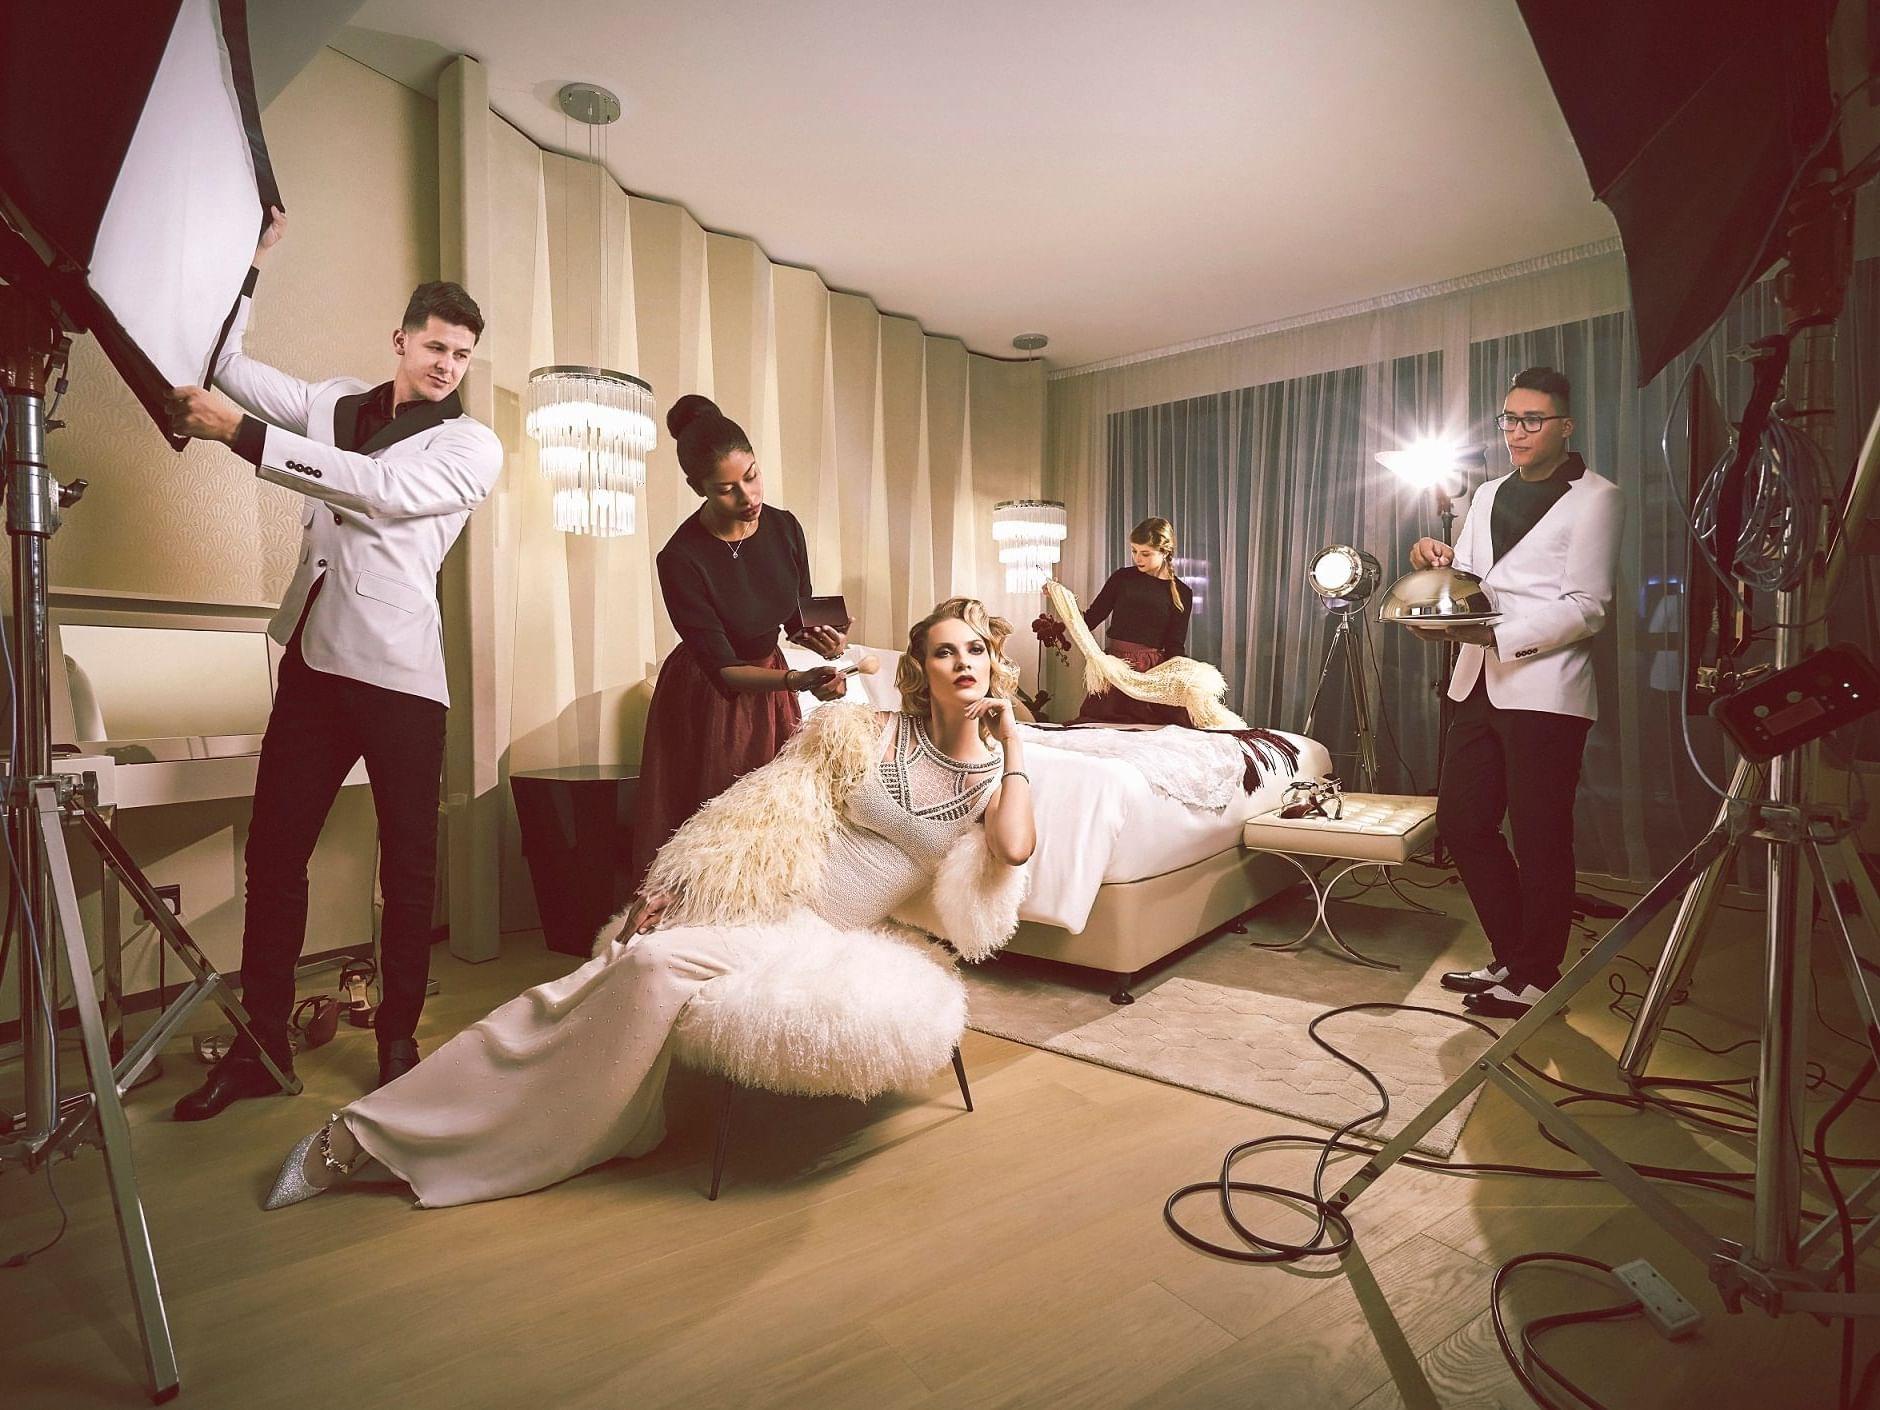 Hollywood Glam Lifestyle at Paramount Hotel Dubai